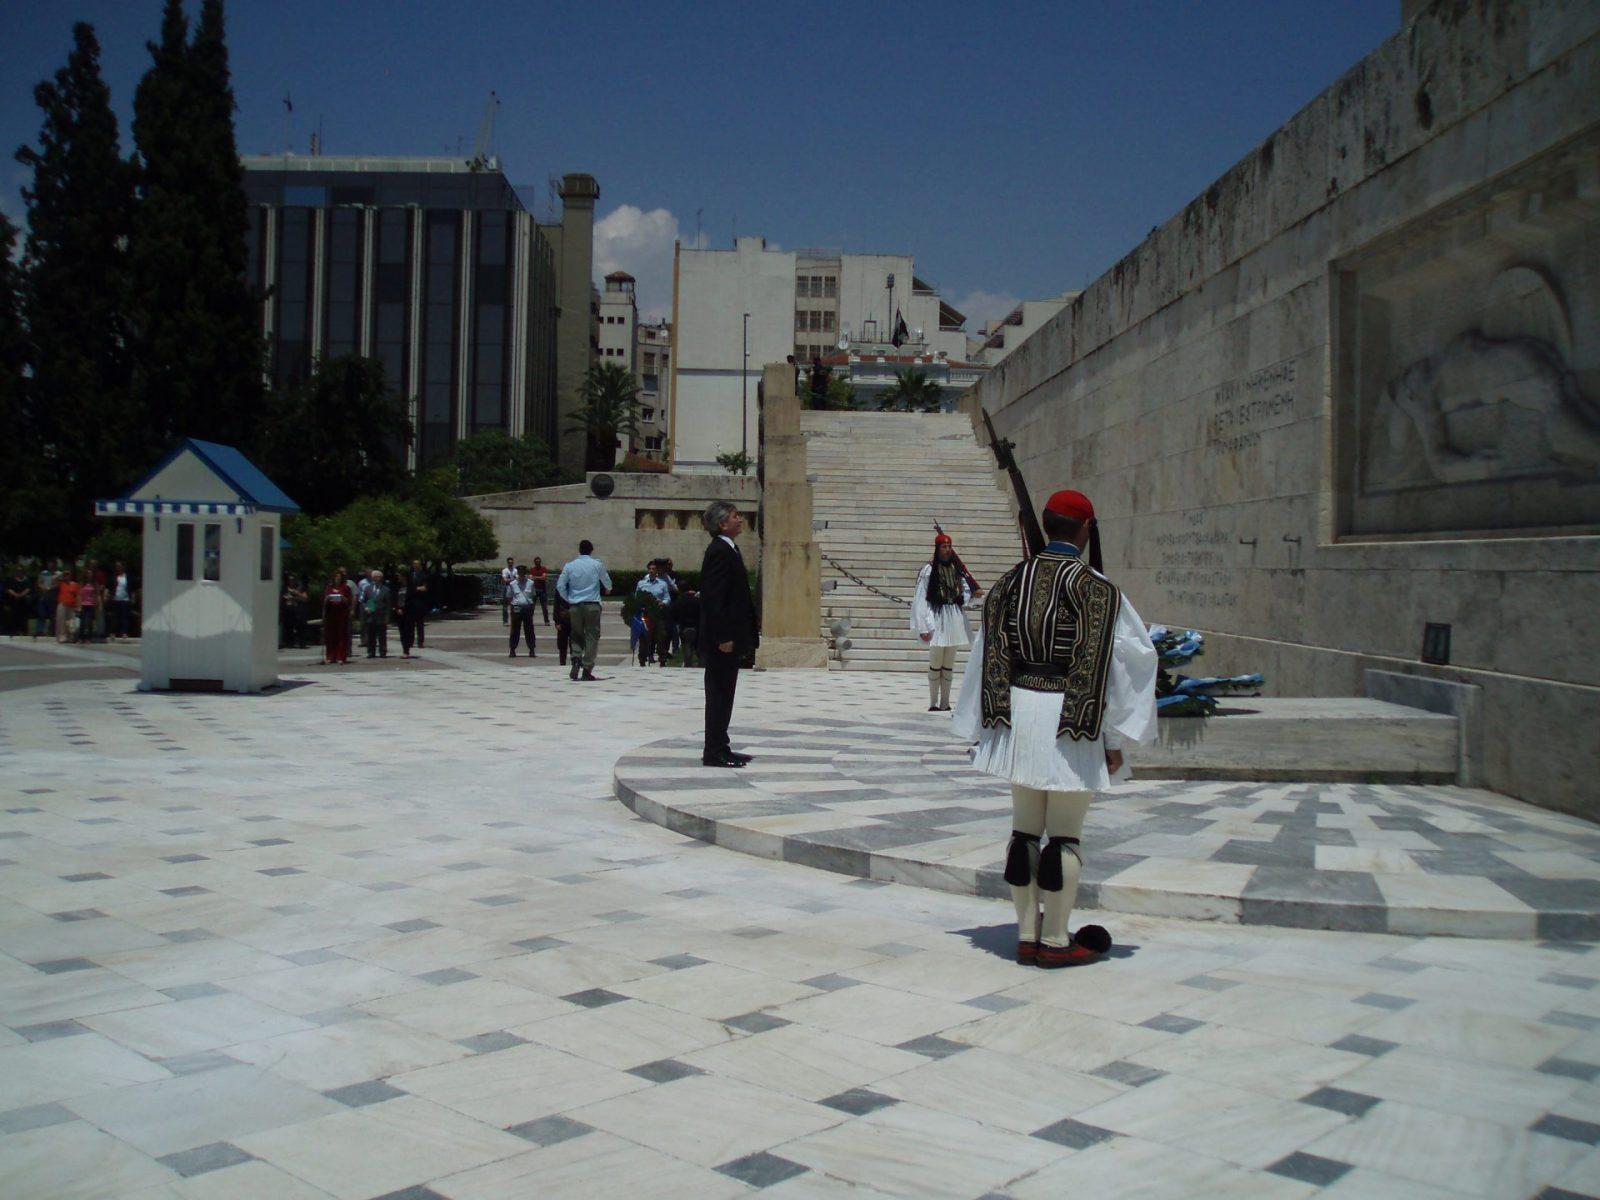 ΔΗΛΩΣΗ Δημάρχου Κρωπίας, Δημητρίου Κιούση Ημέρα Μνήμης για τον Ποντιακό Ελληνισμό.